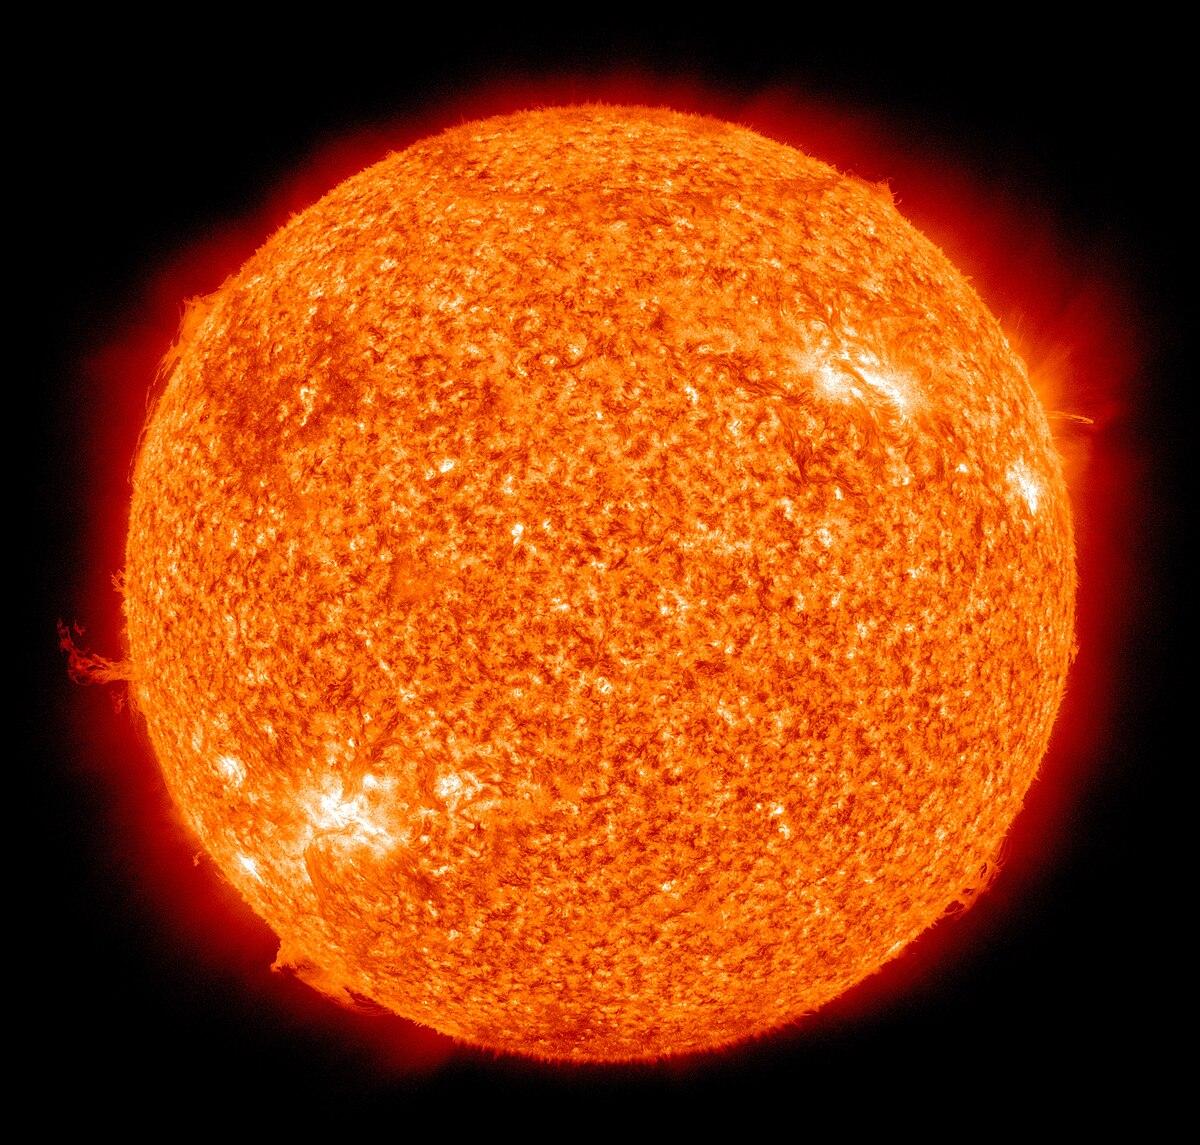 güneşin sıcaklığı